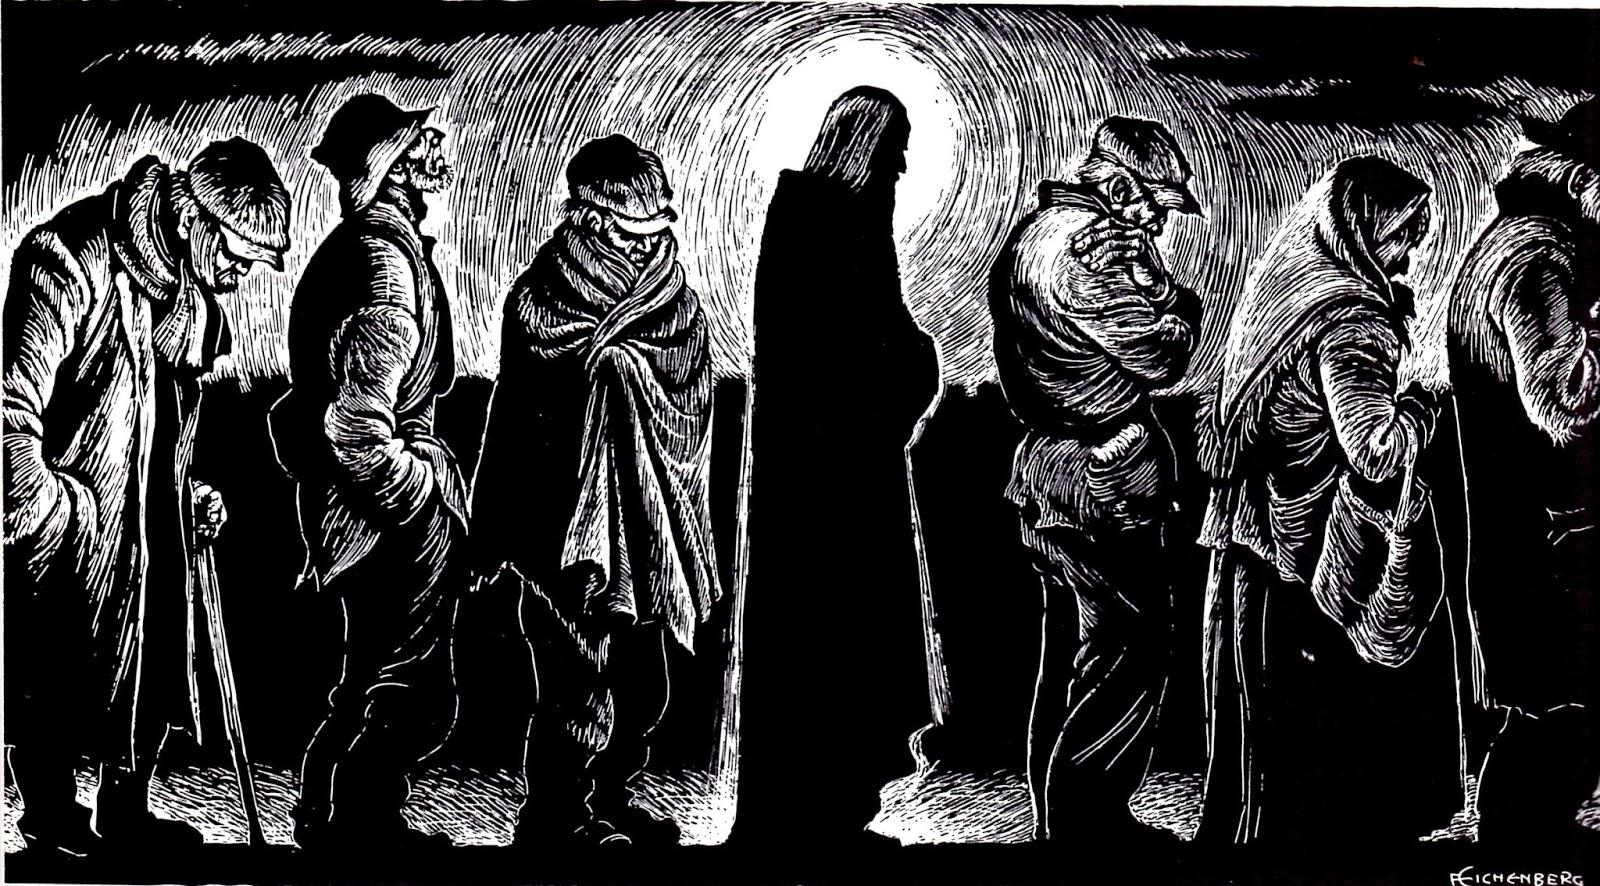 Jesus in the Breadline, Fitz Eichenberg